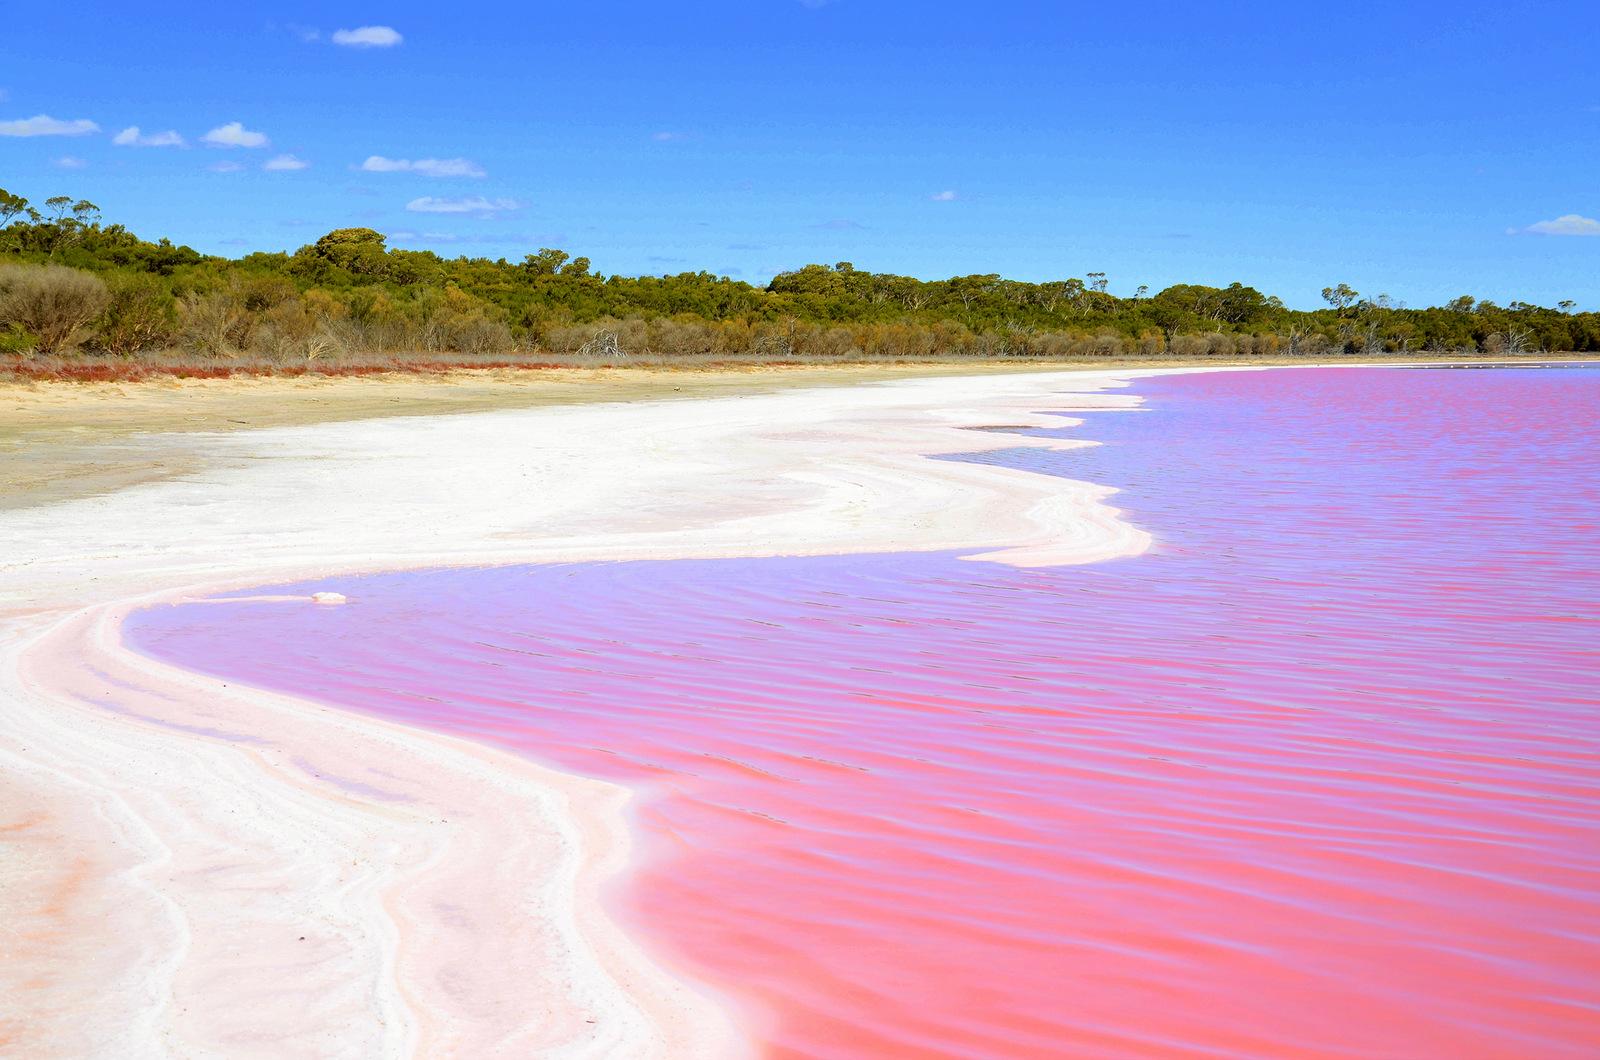 lago cor de rosa na australia